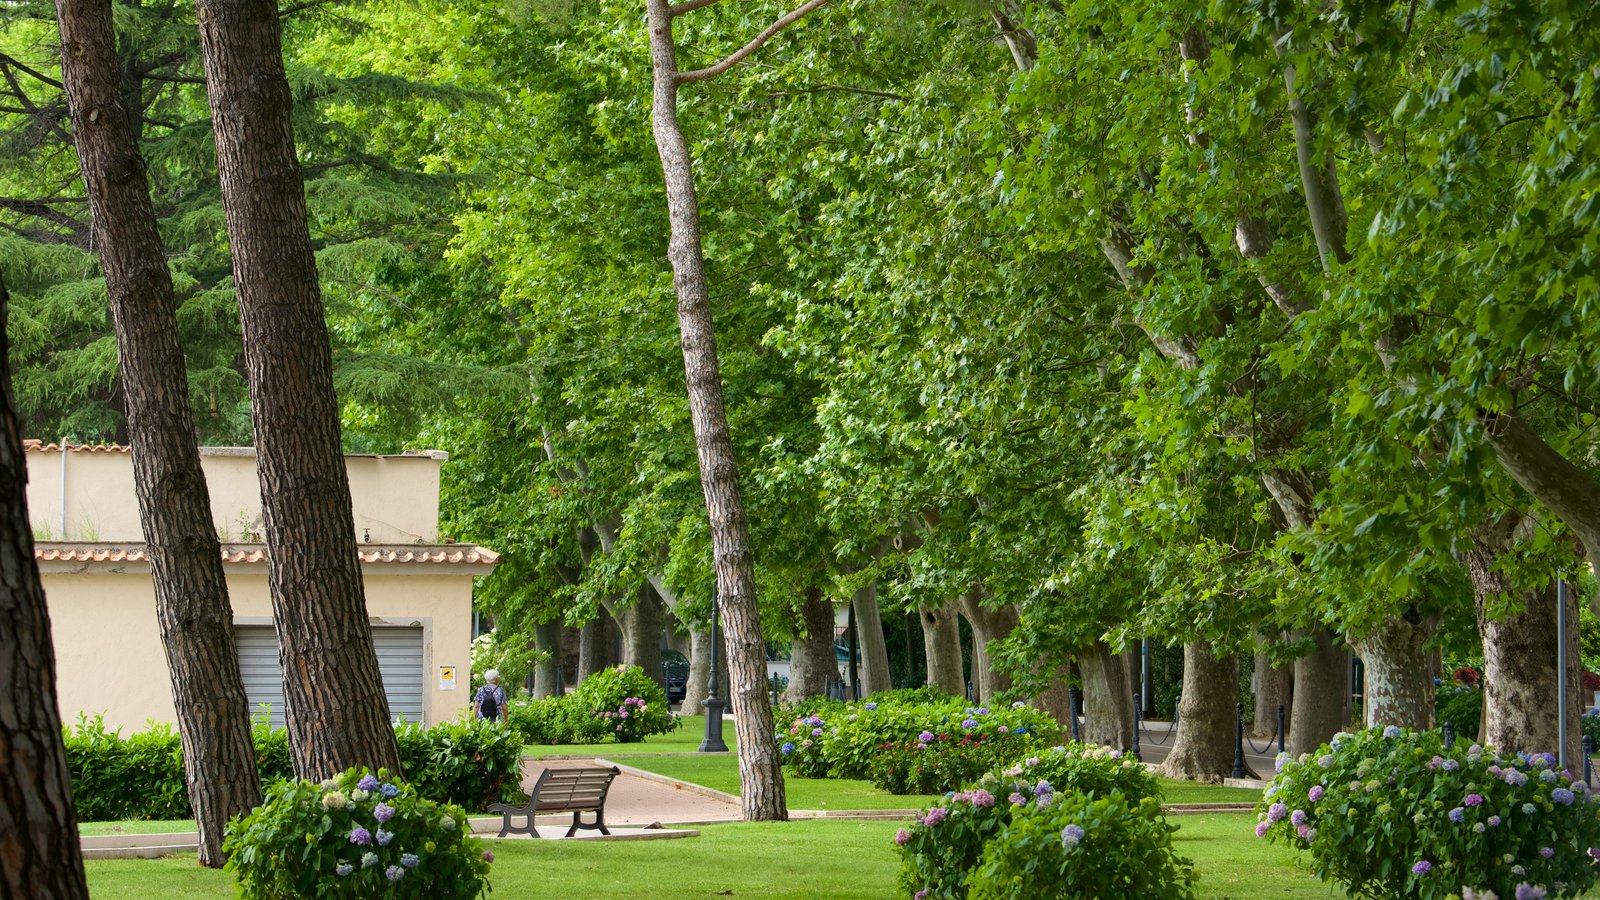 Lake Bolsena featuring a garden